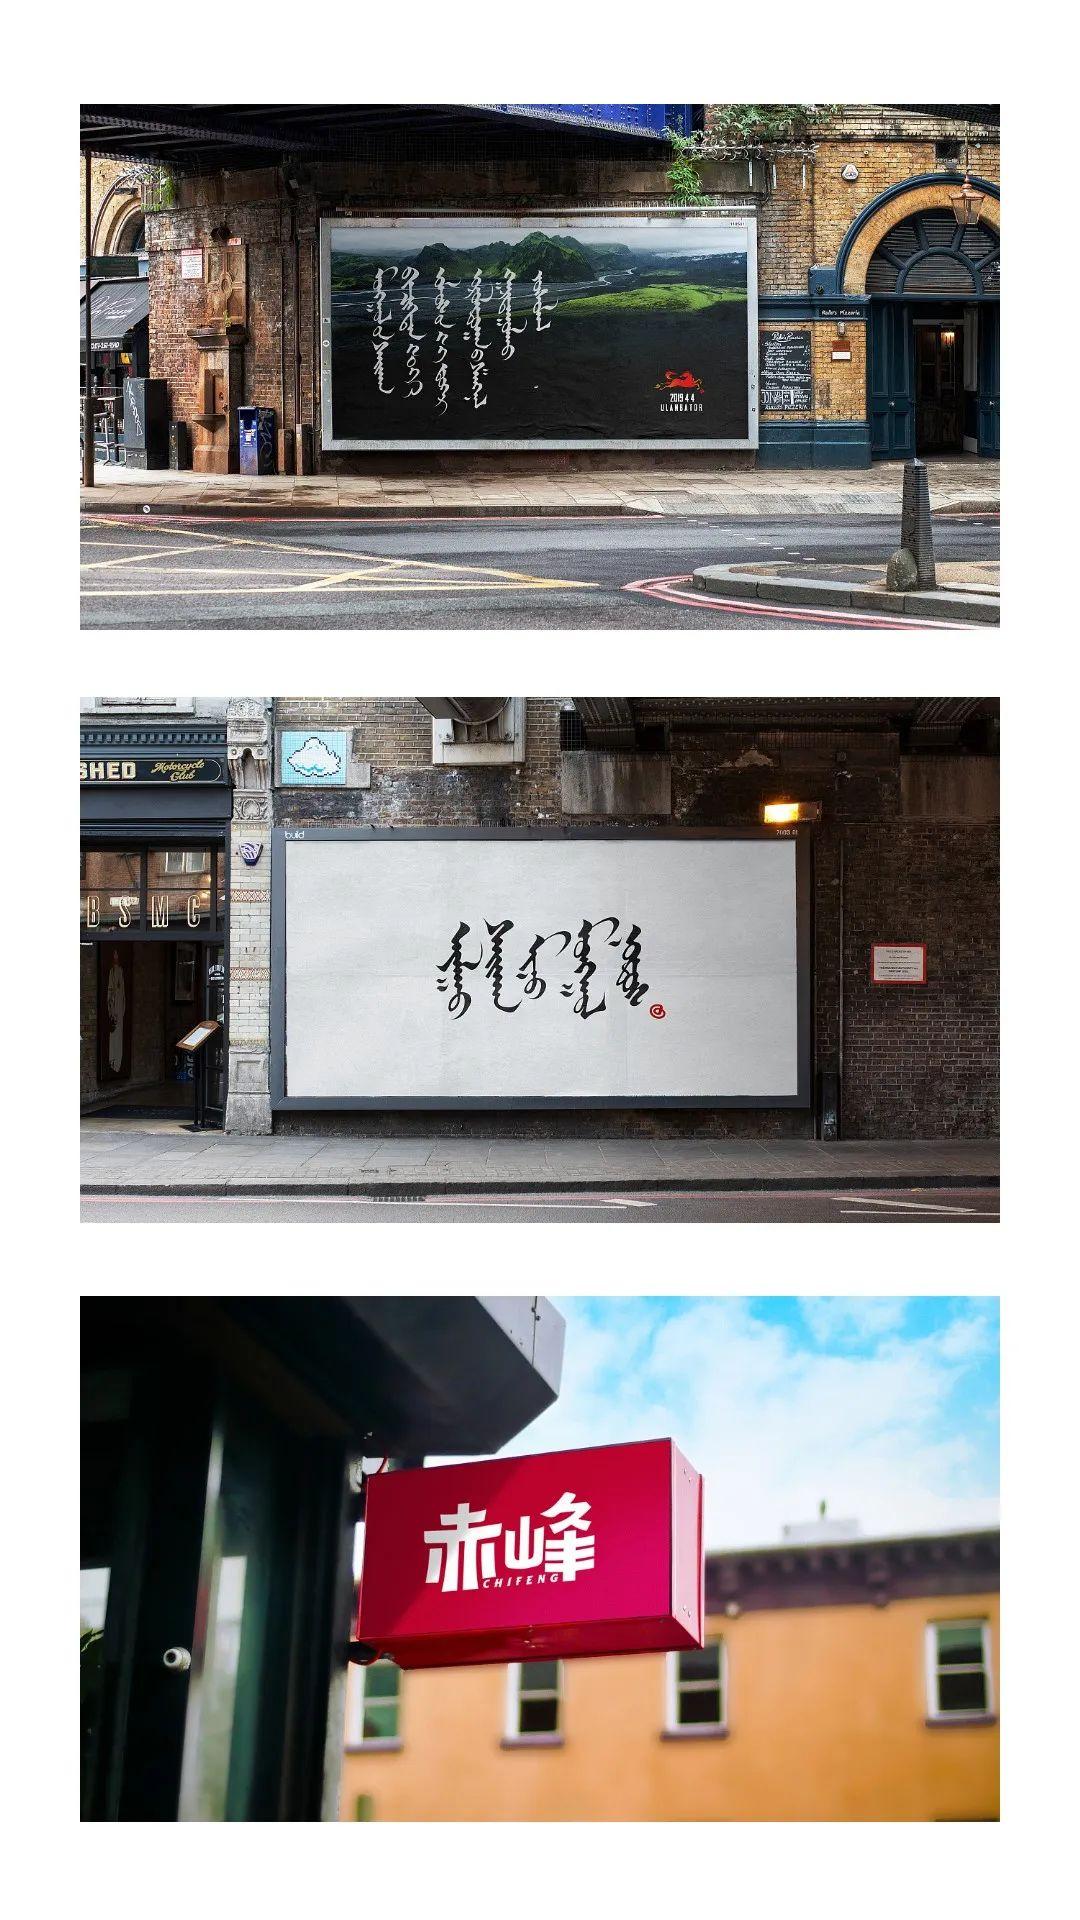 超赞的蒙元素设计-看完马上收藏 #Hotoch-Design#设计案例 第8张 超赞的蒙元素设计-看完马上收藏 #Hotoch-Design#设计案例 蒙古设计